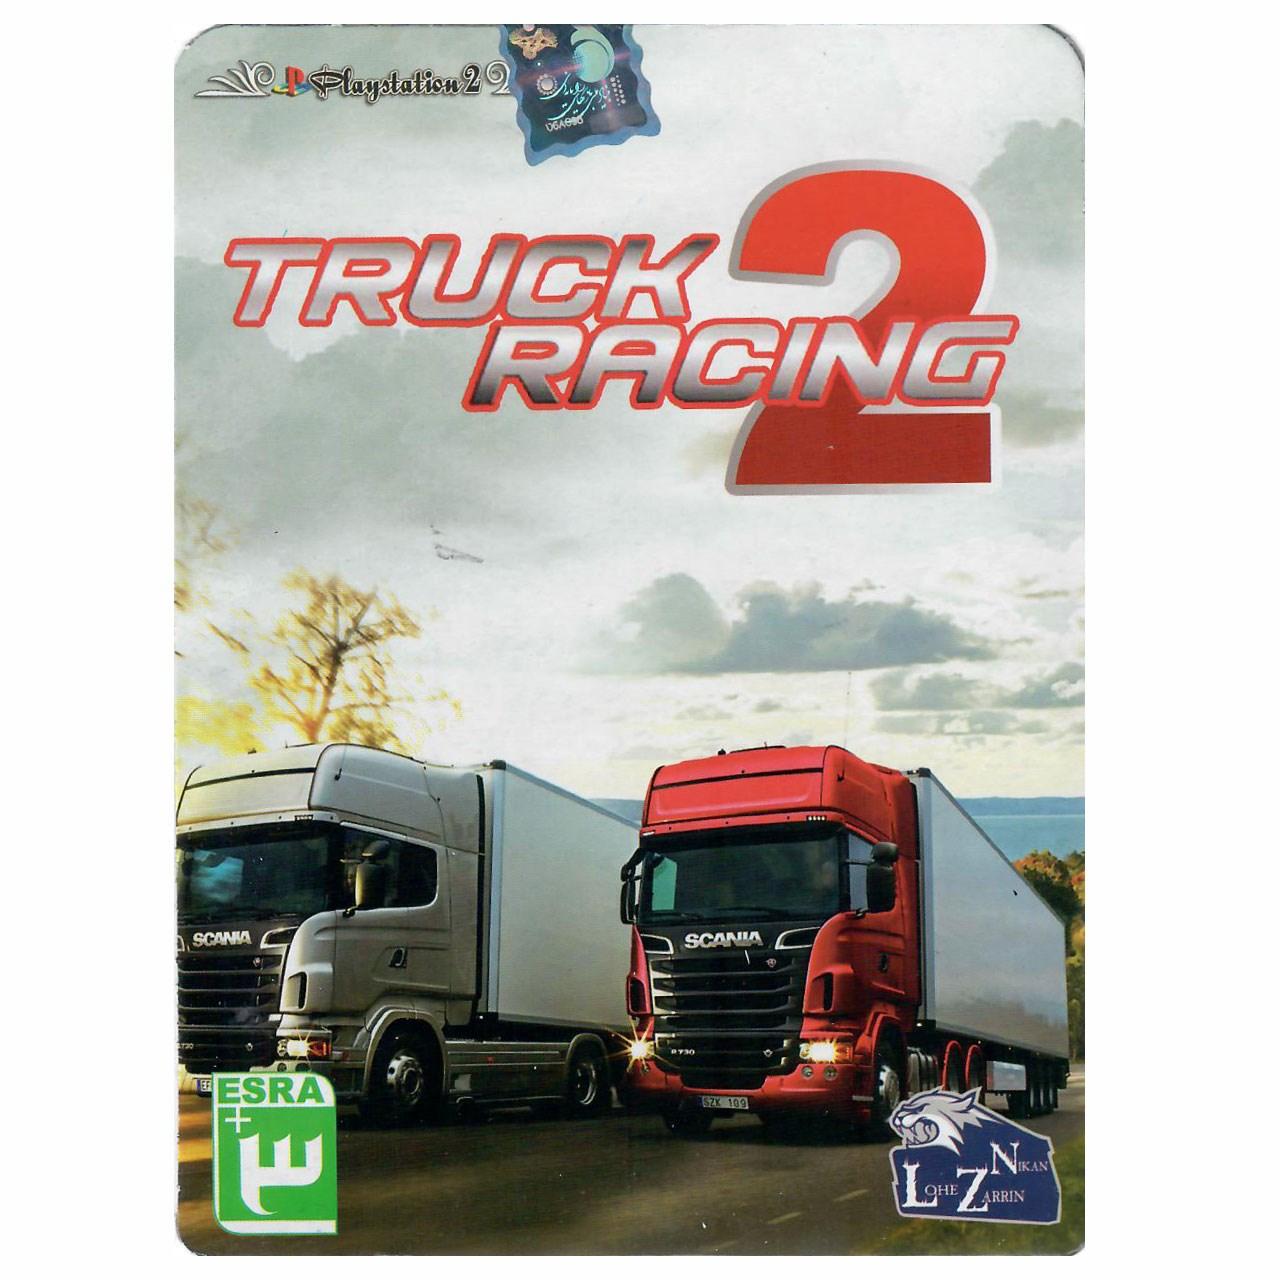 خرید اینترنتی بازی Truck Racing 2 مخصوص PS2 اورجینال